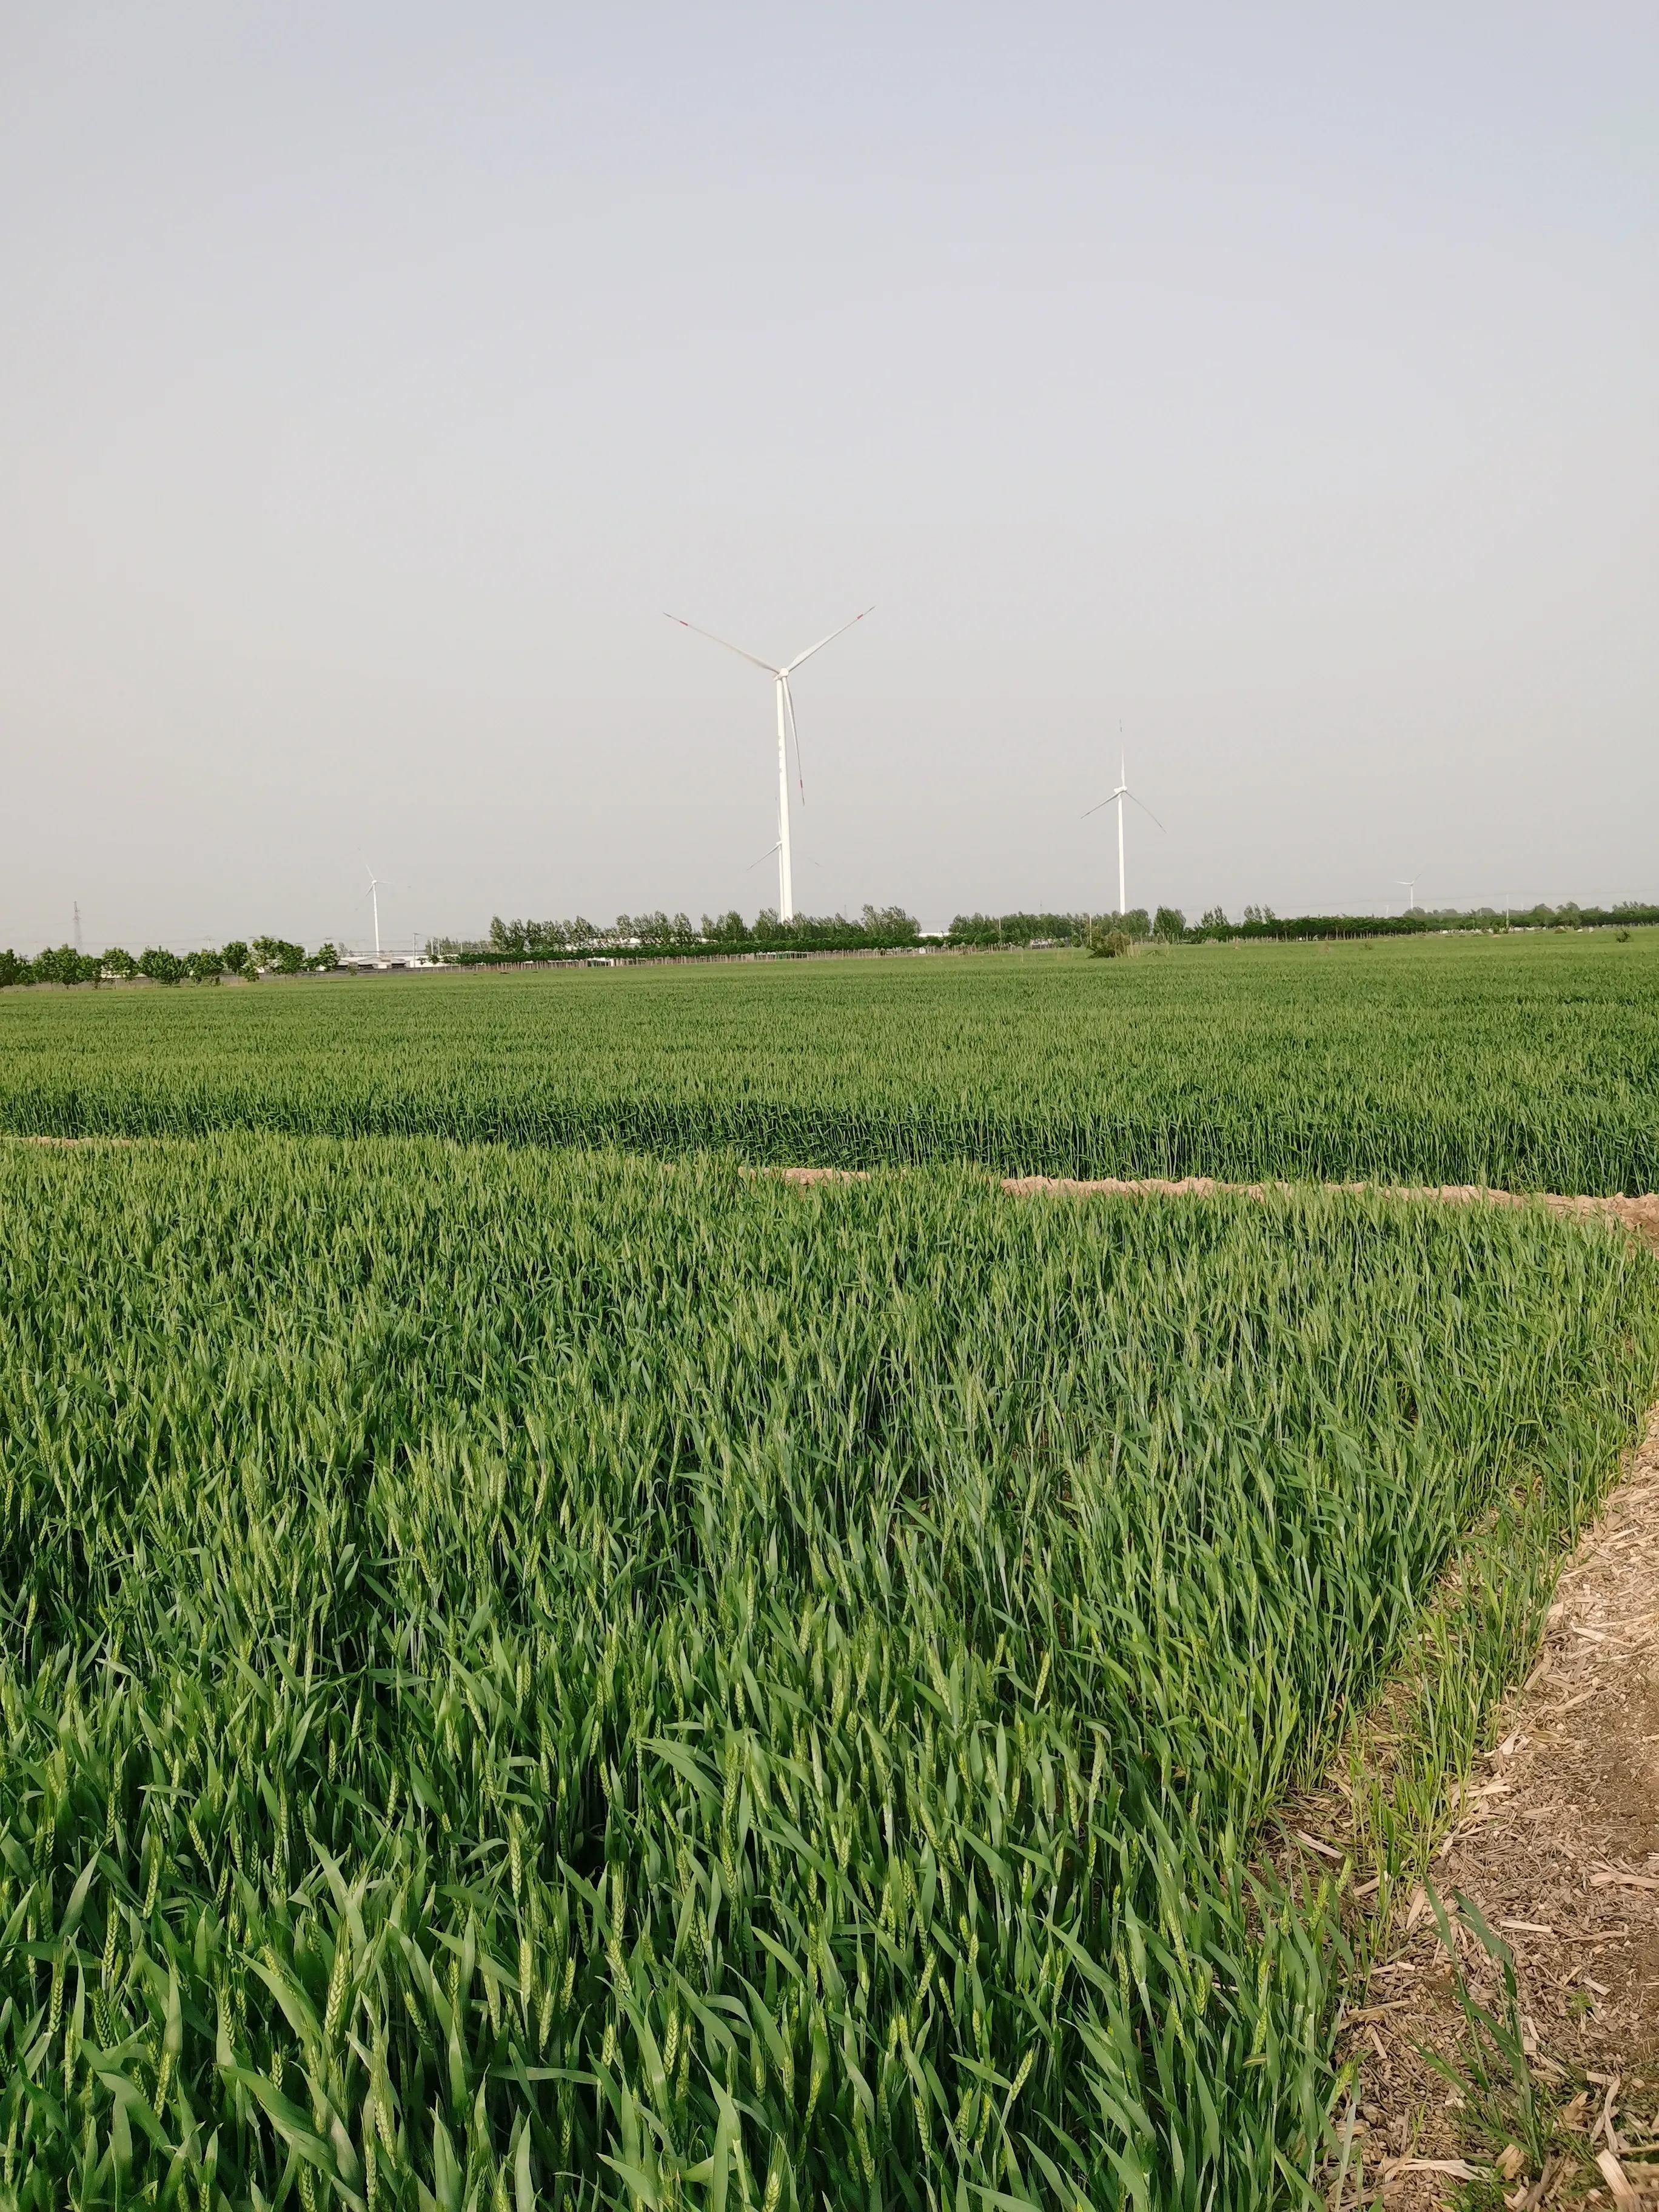 种植小麦,底肥用二铵还是用复合肥?原来之前都用错了